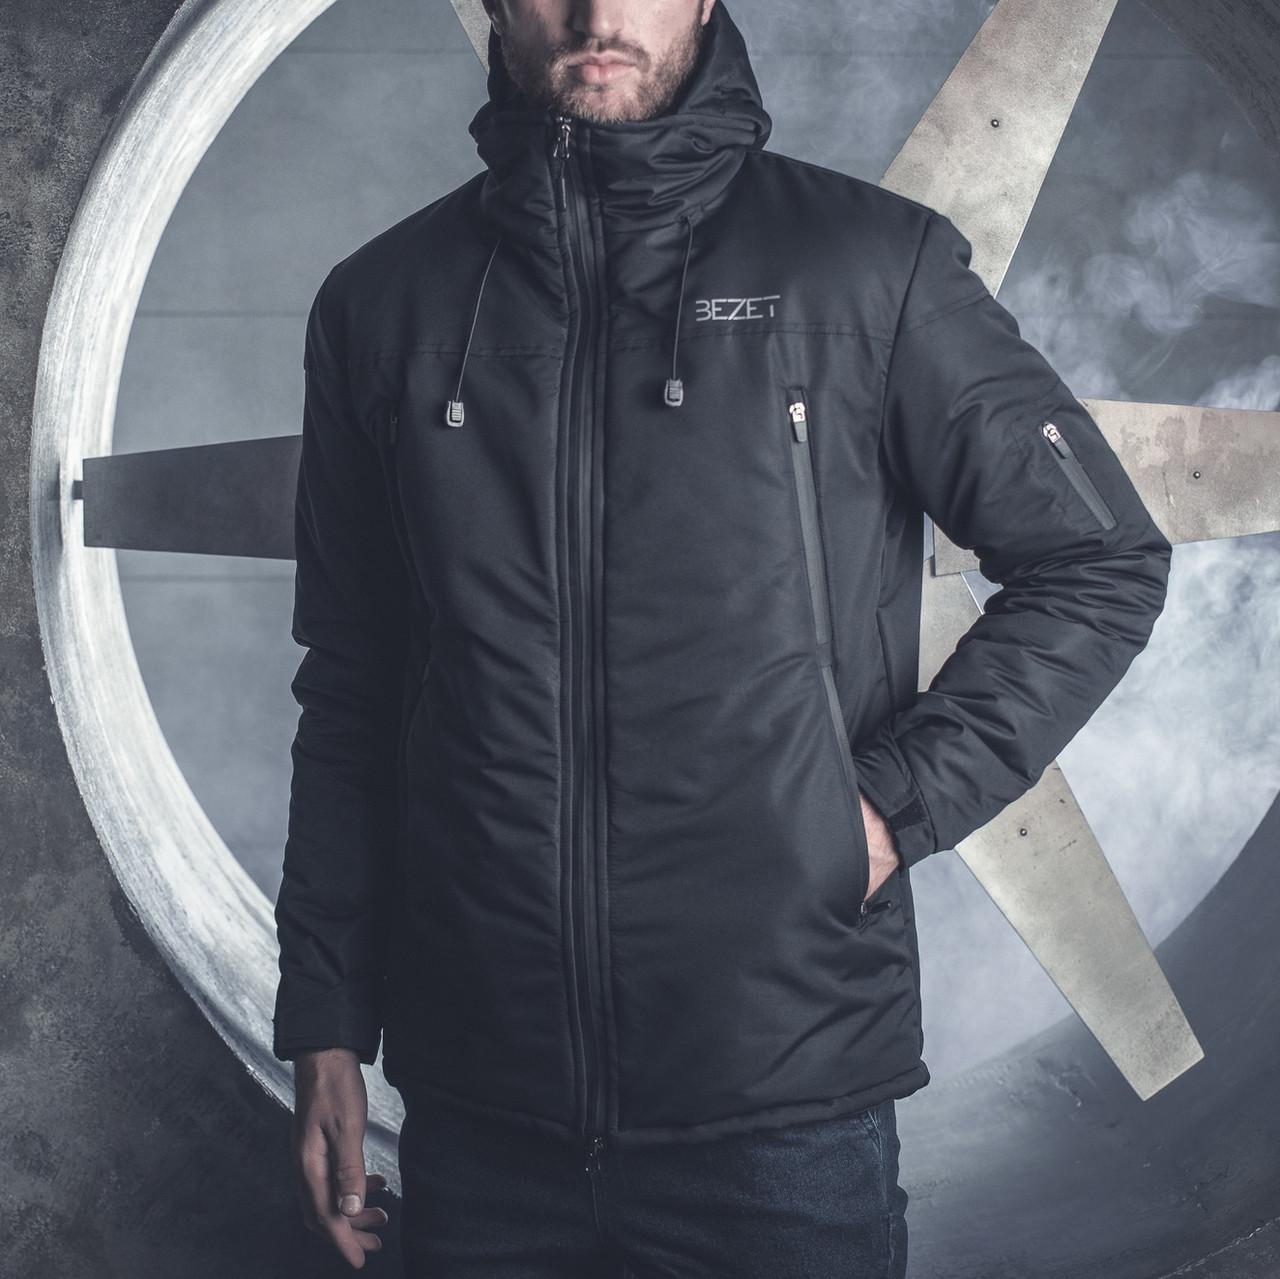 Зимняя мужская куртка BeZet Tech '19 черная